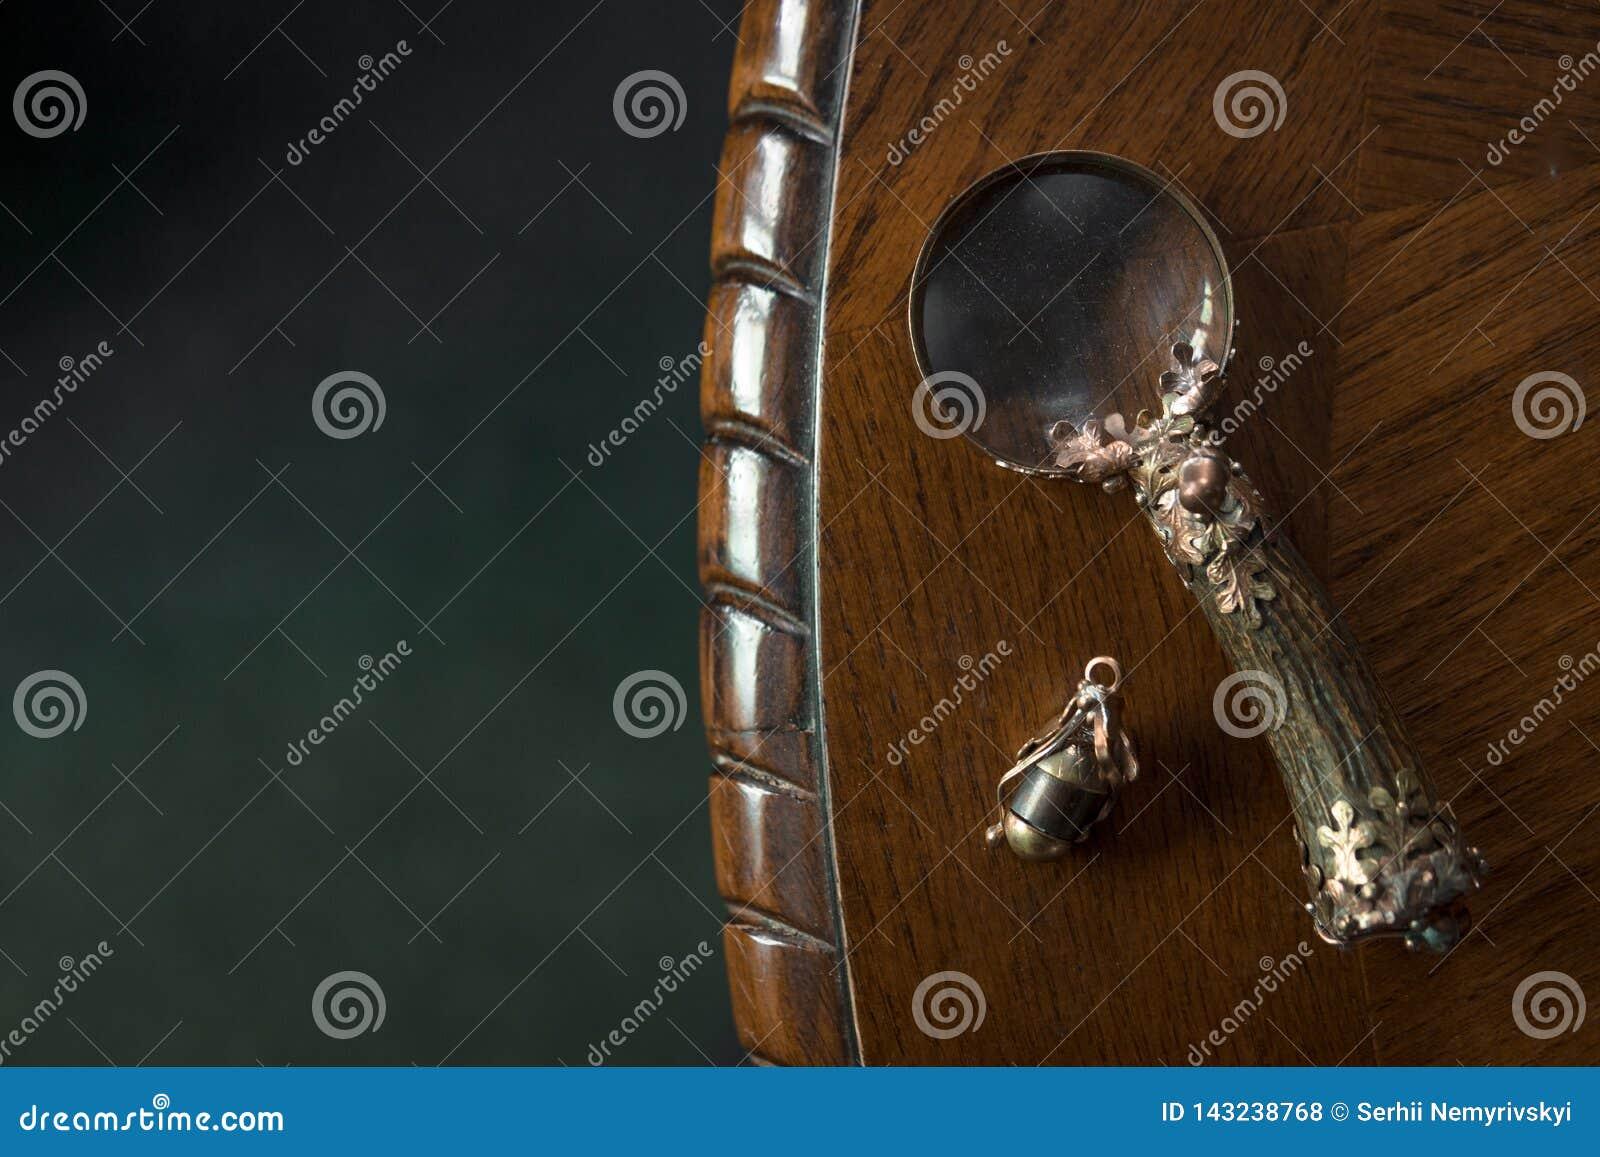 Κινηματογράφηση σε πρώτο πλάνο Loupe, εκλεκτής ποιότητας πιό magnifier χειροποίητος στο σκοτεινό ξύλινο επιτραπέζιο υπόβαθρο, ένν